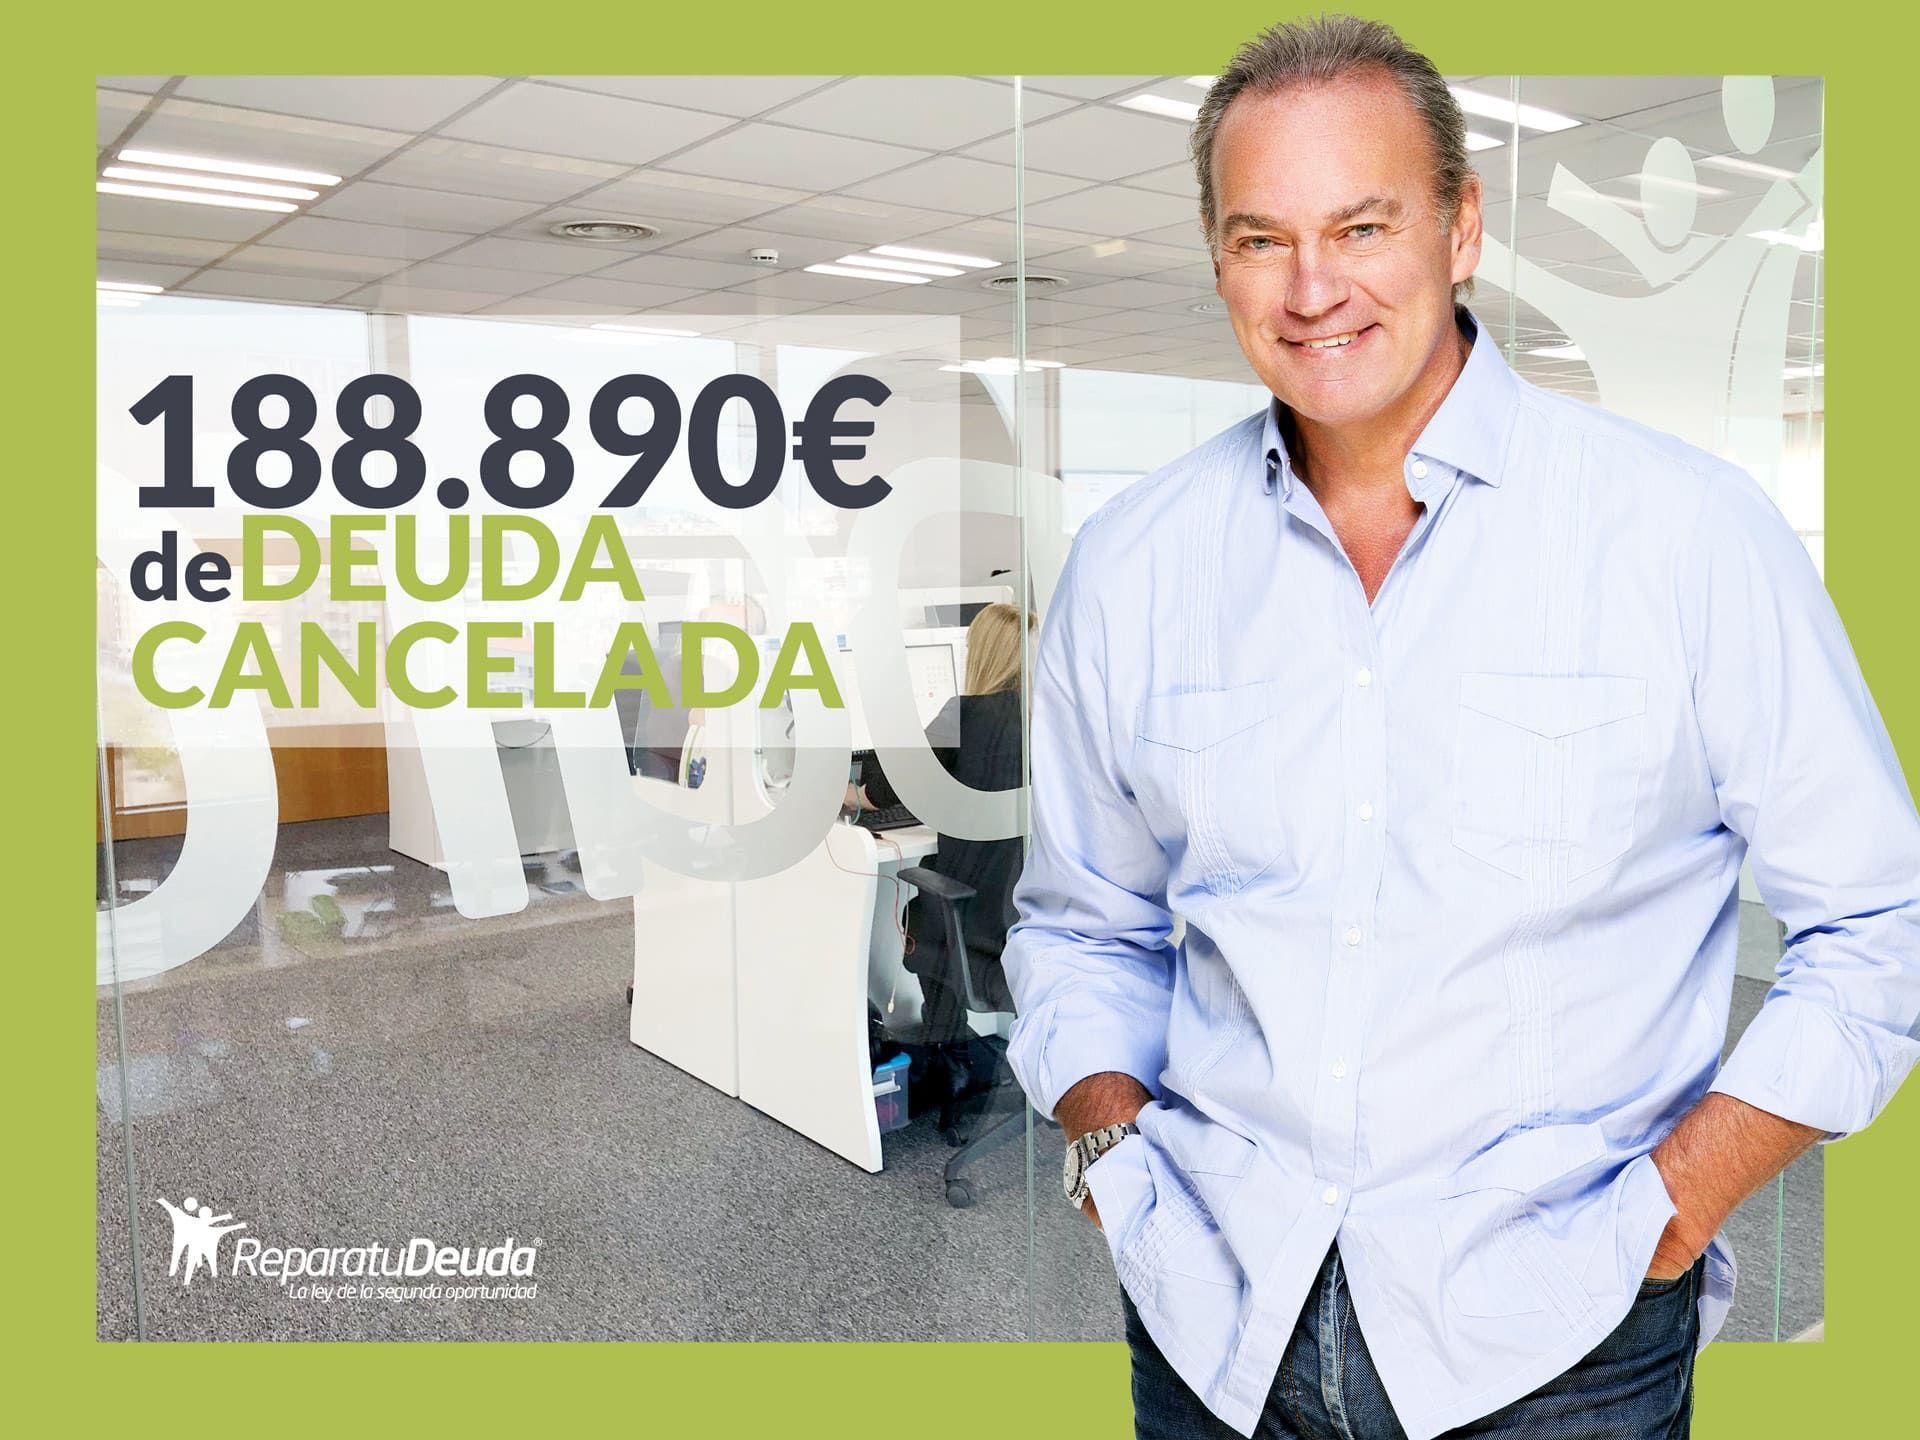 Repara tu Deuda Abogados cancela 188.890 ? en Barcelona con la Ley de Segunda Oportunidad